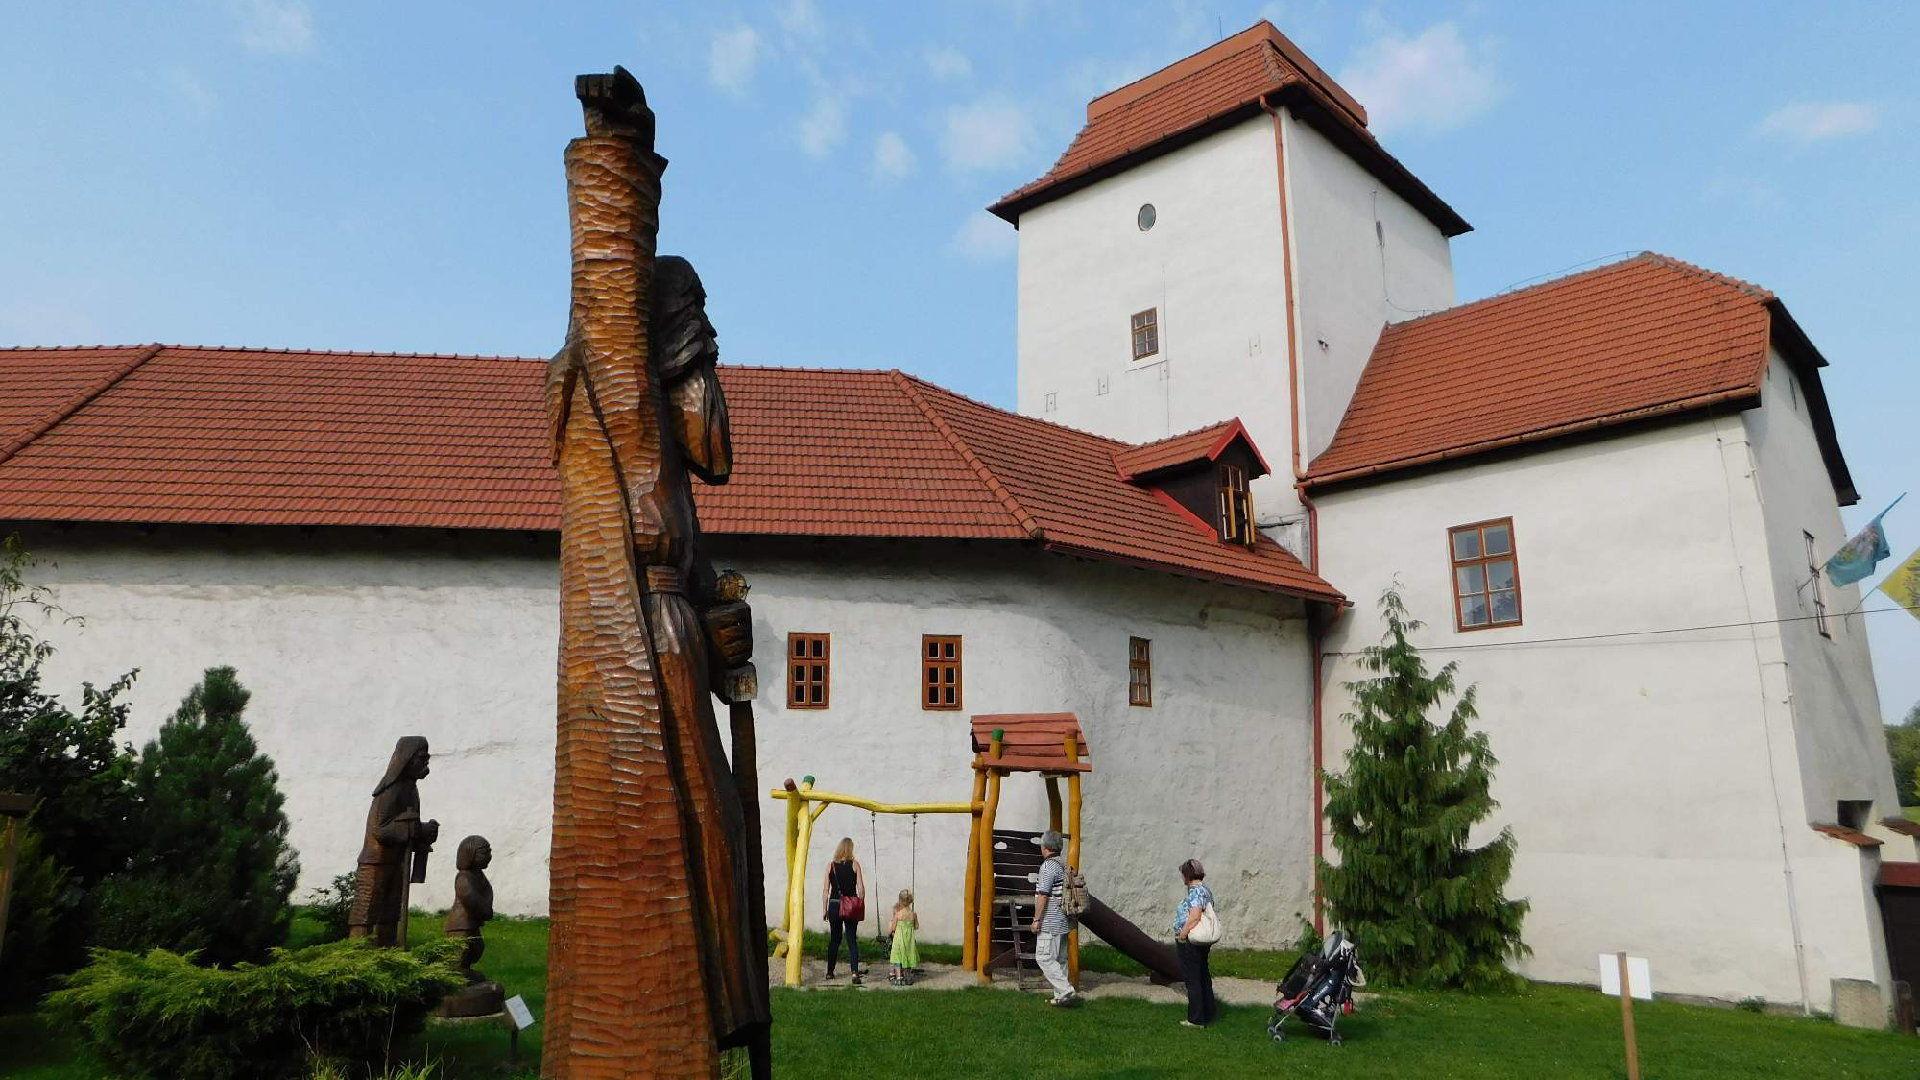 Slezskoostravský hrad – Prohlídky, vstupné, akce 2019